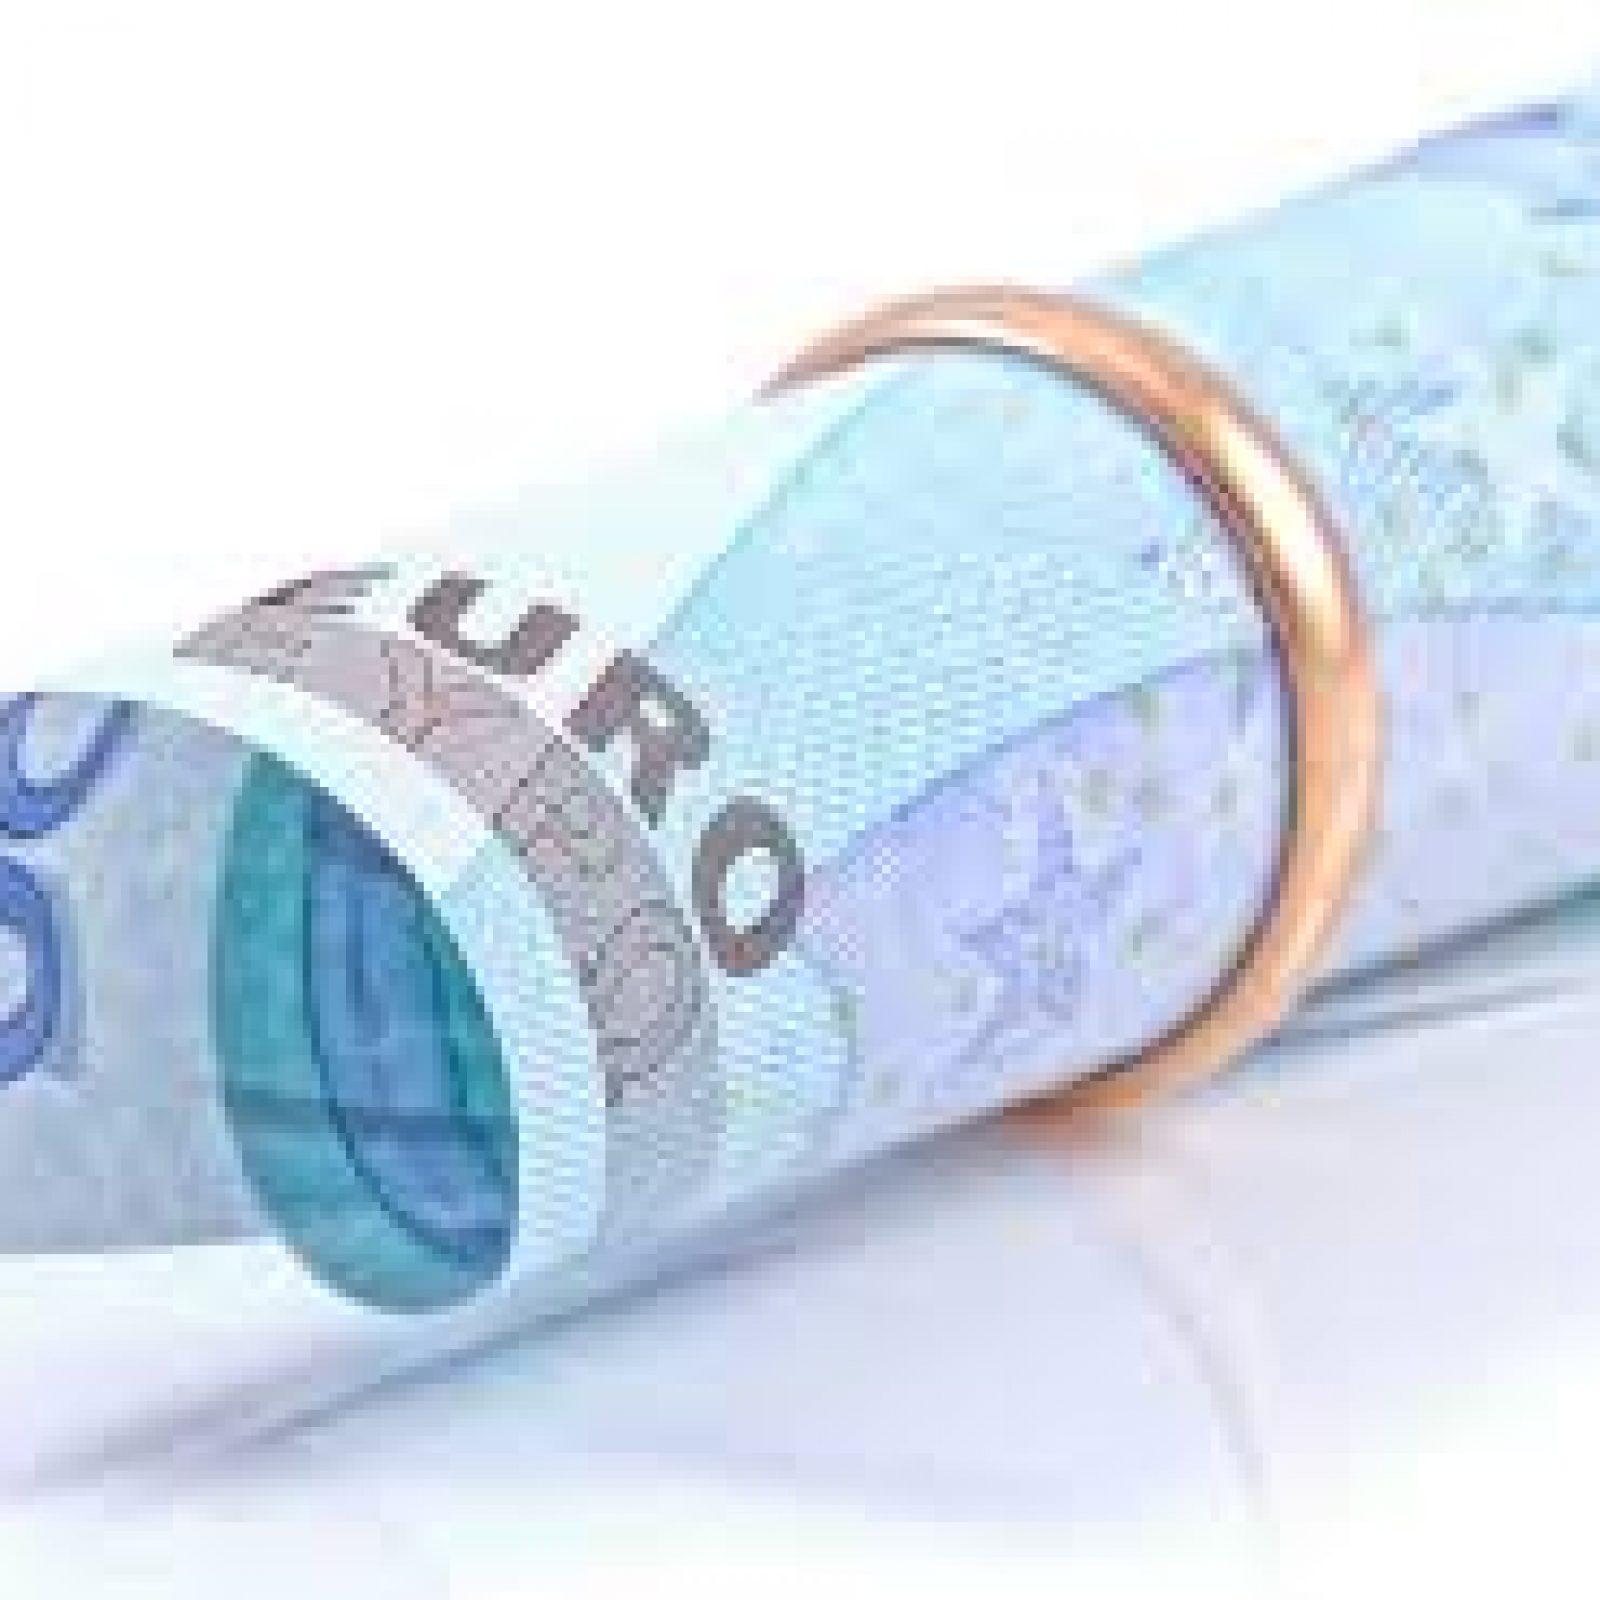 Il figlio maggiorenne divenuto autosufficiente deve restituire il denaro al genitore